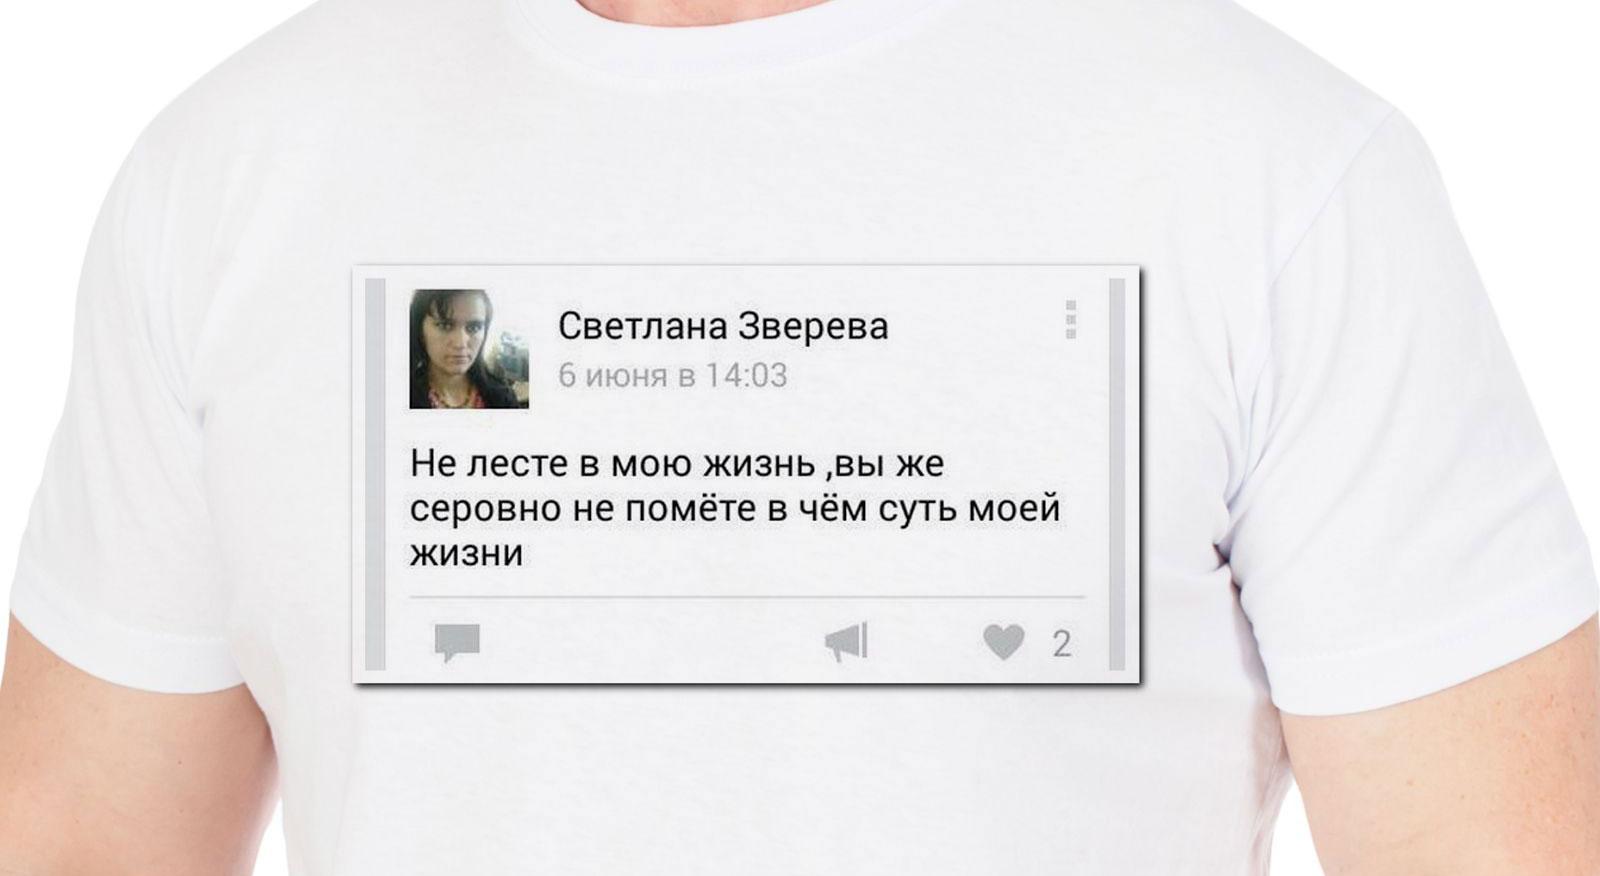 Печать комментария из интернета на футболку